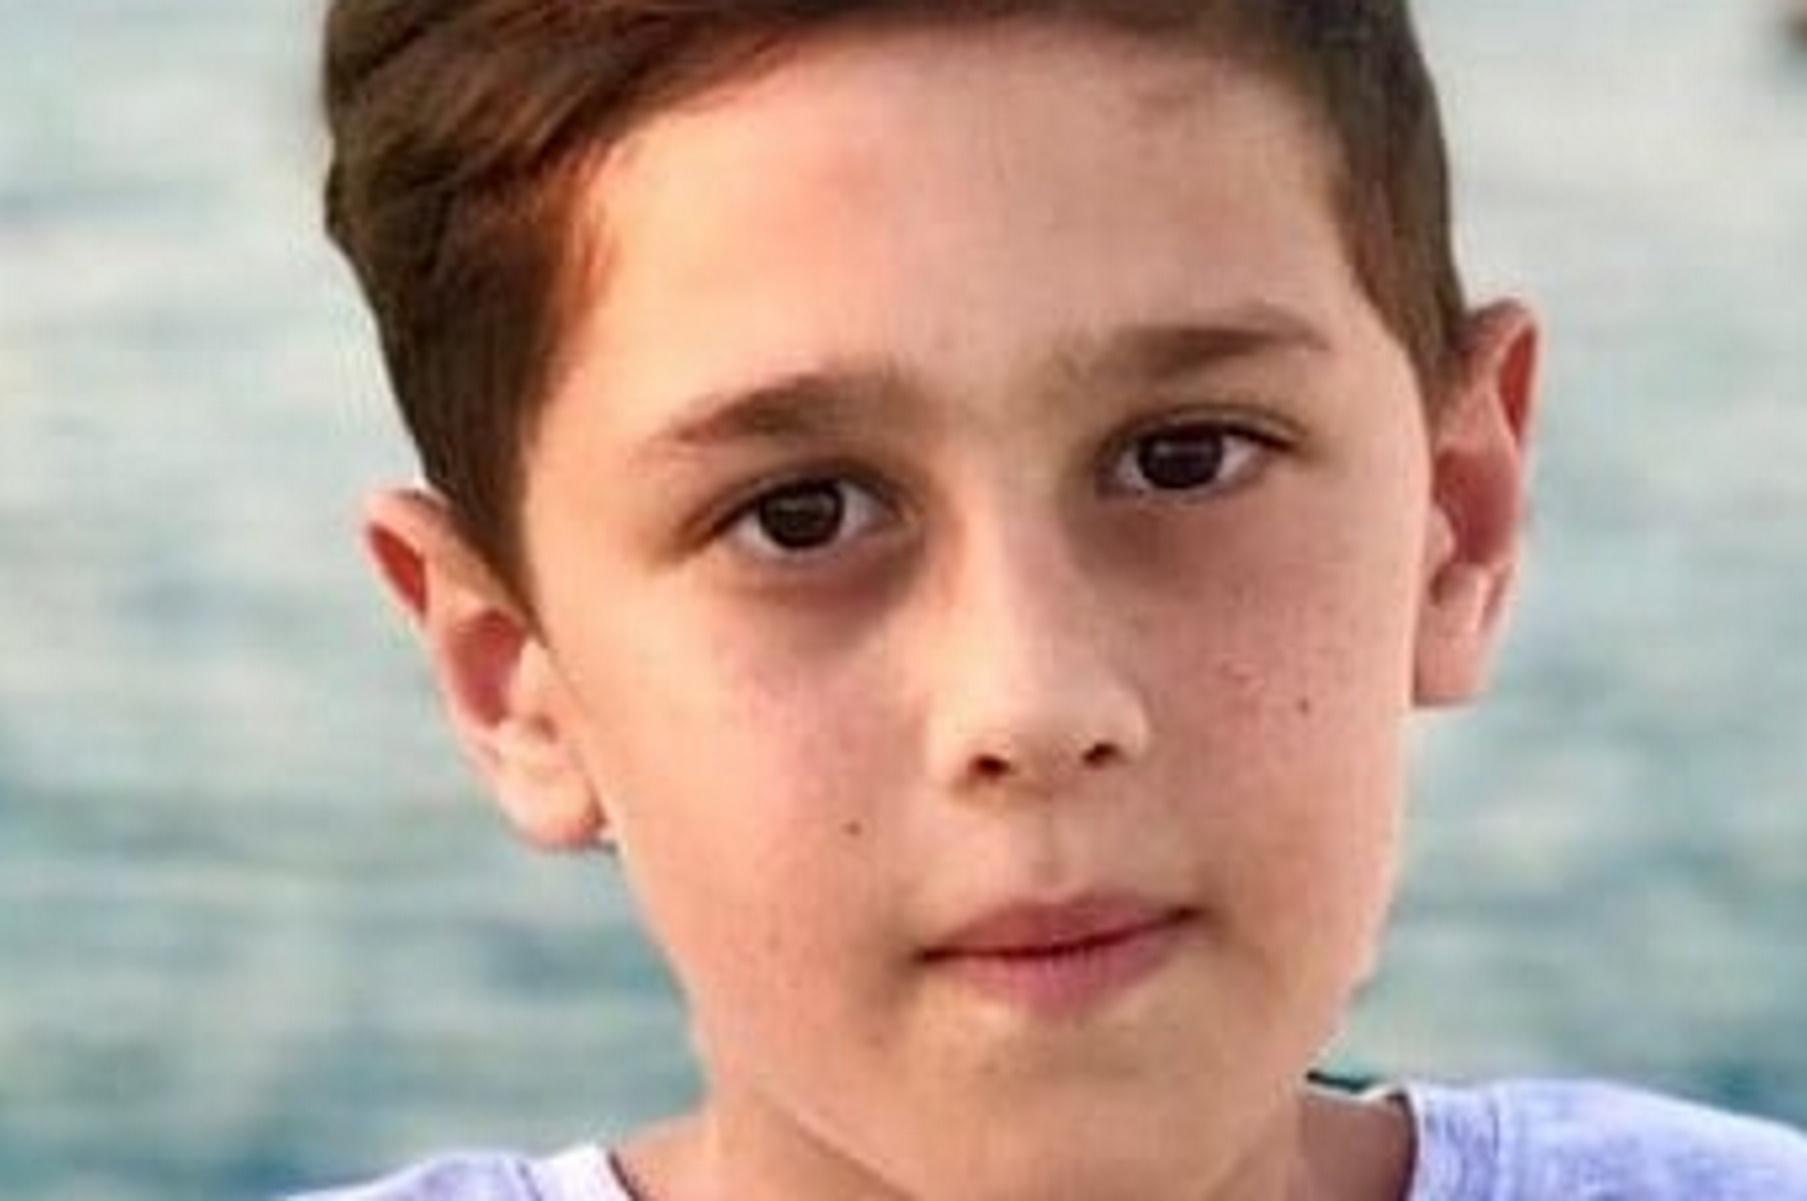 Στην Ιταλία ο μικρός Ανδρέας – «Χαμογελά και ελπίζει στο θαύμα»